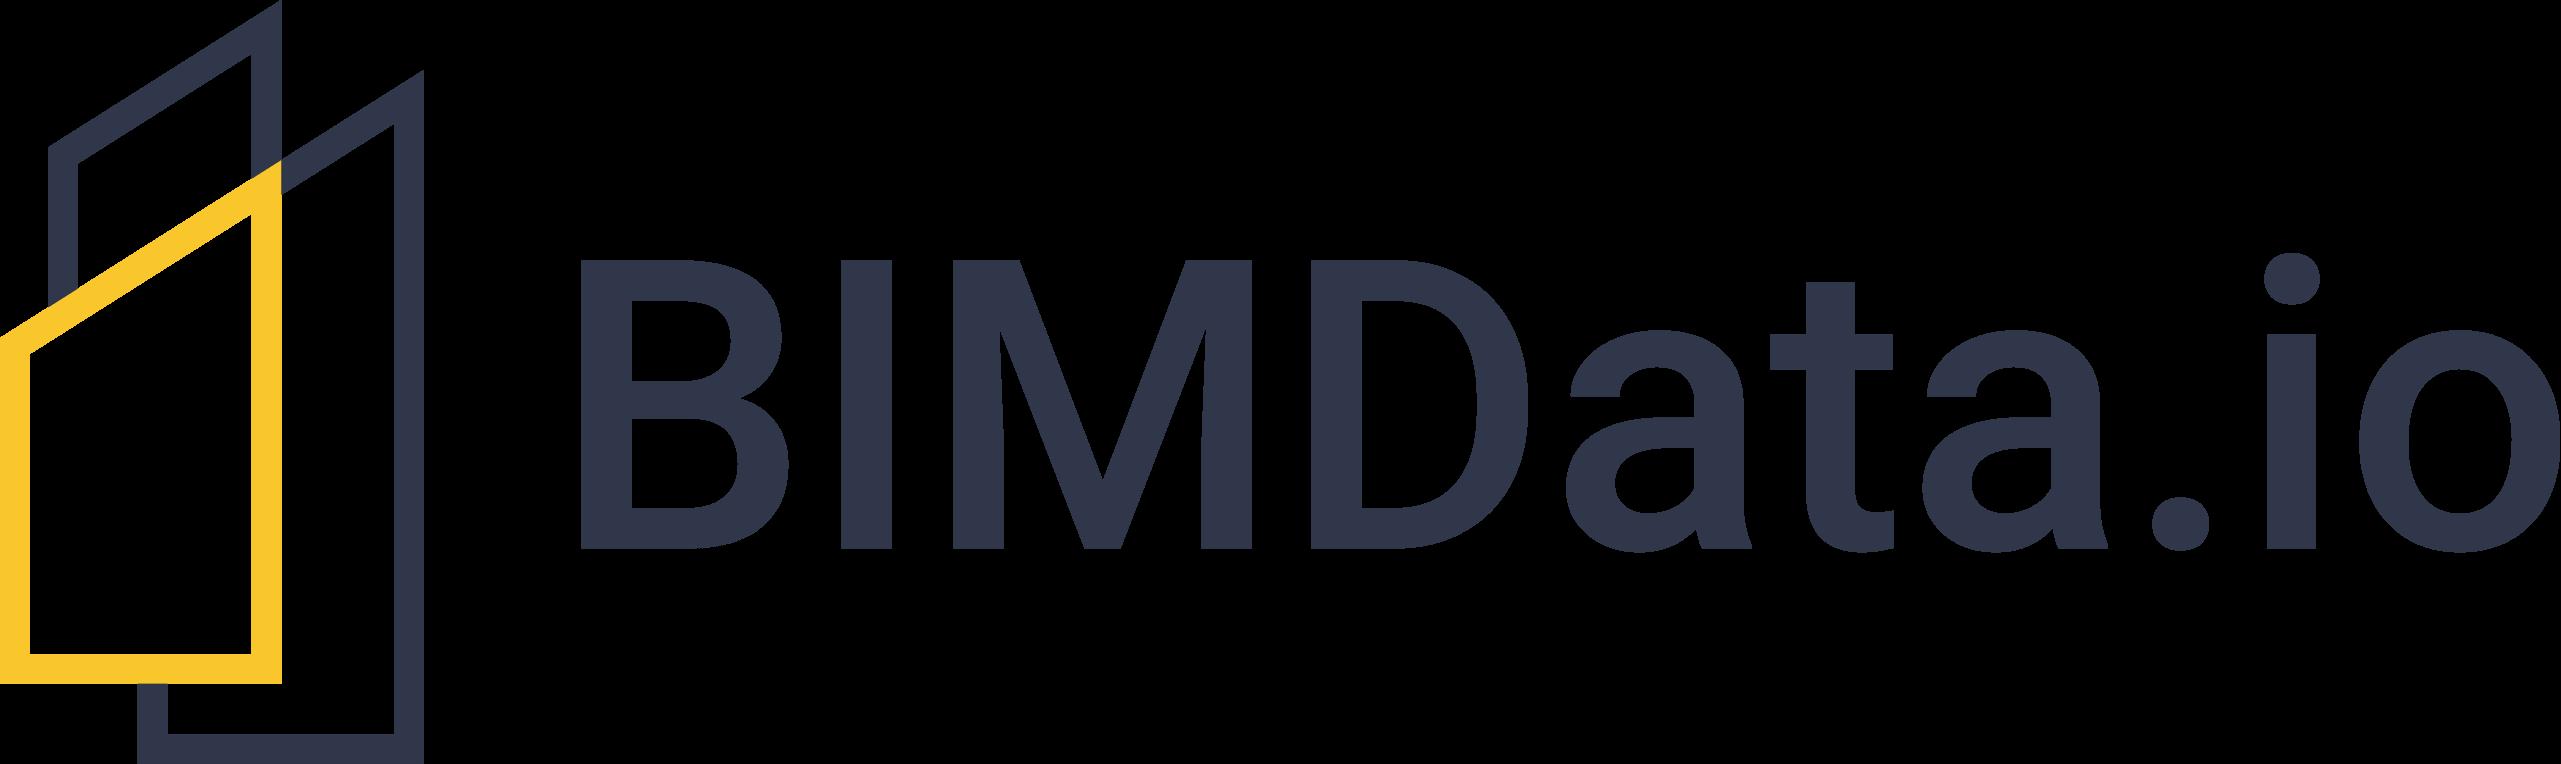 bimdata logo